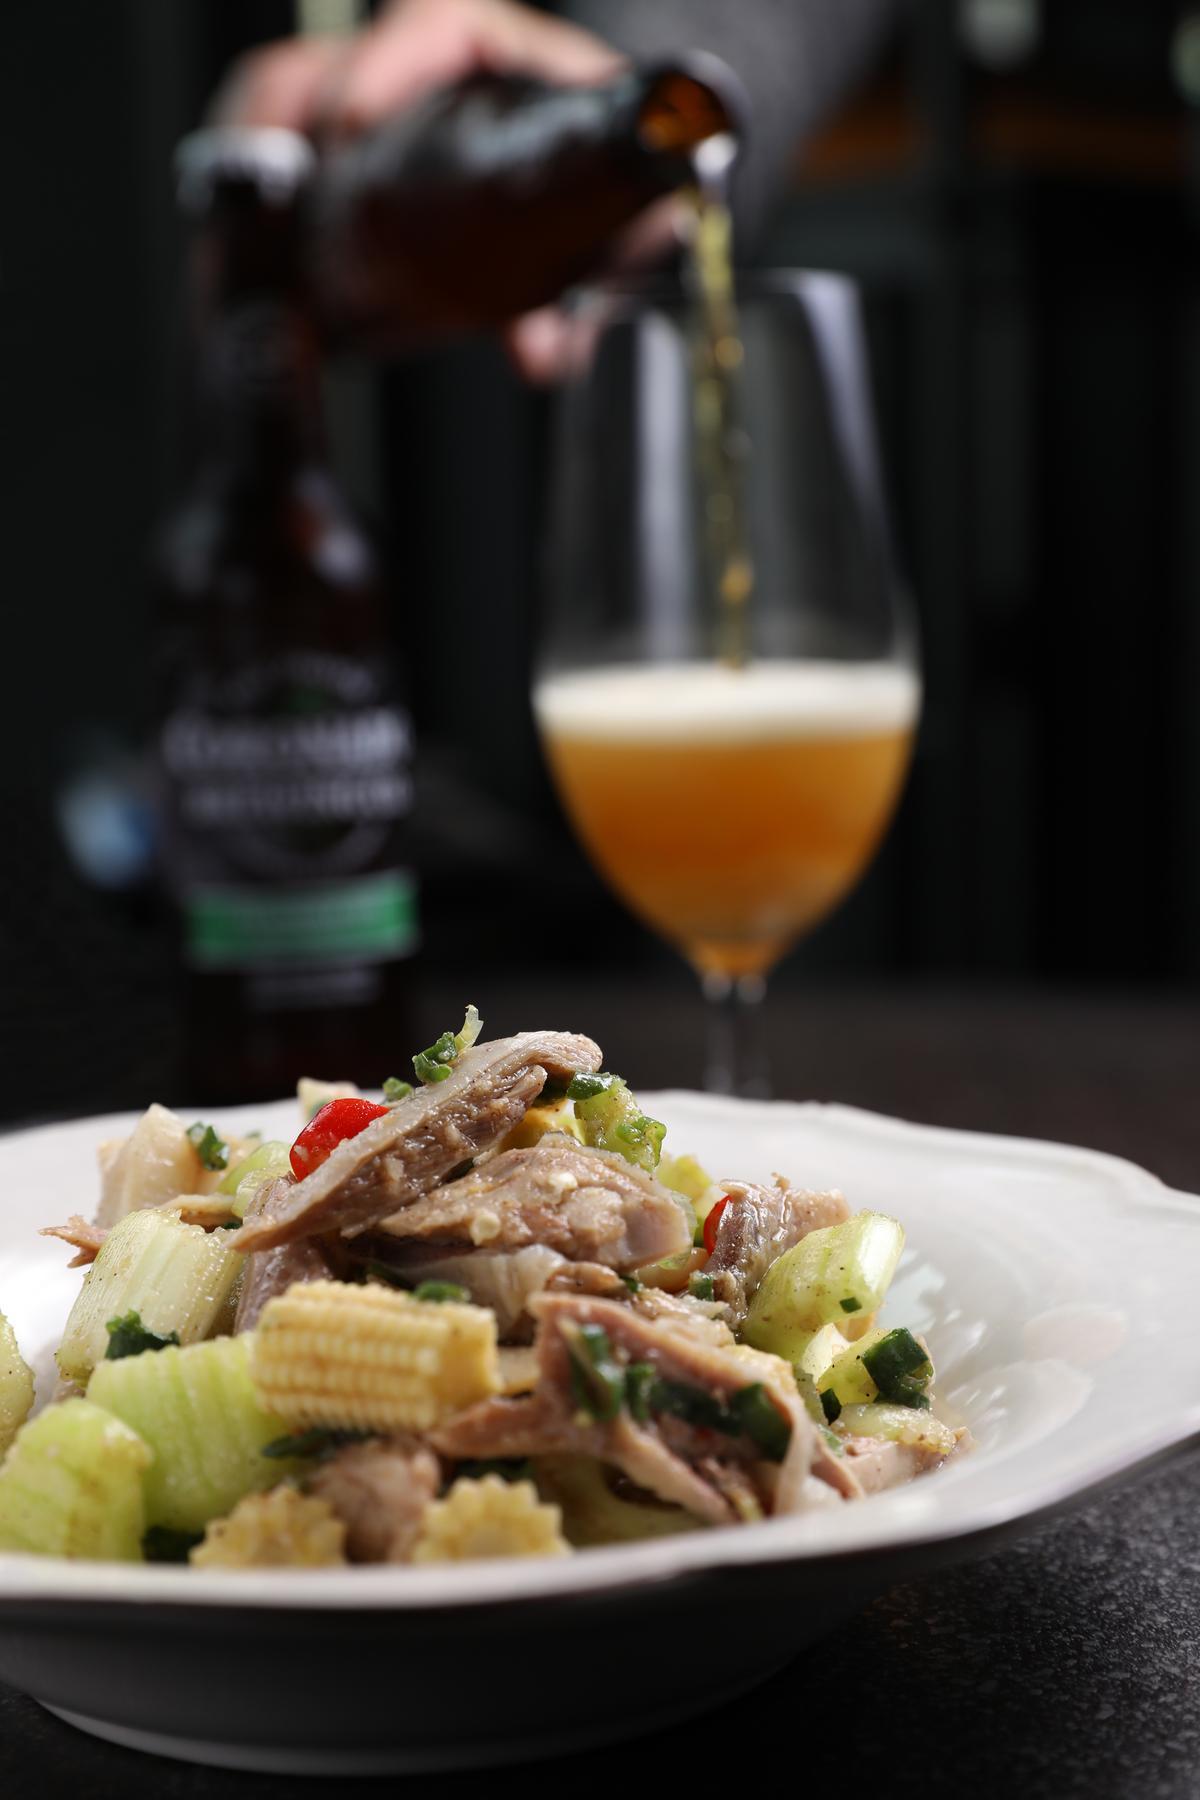 「鹹水雞」(前,雞腿50元/份、雞冠20元/份、玉米筍20元/份、芹菜20元/份)搭配有明顯苦味的「Coronado Islander IPA」精釀啤酒(後,250元/瓶)能讓味覺清爽不燥。